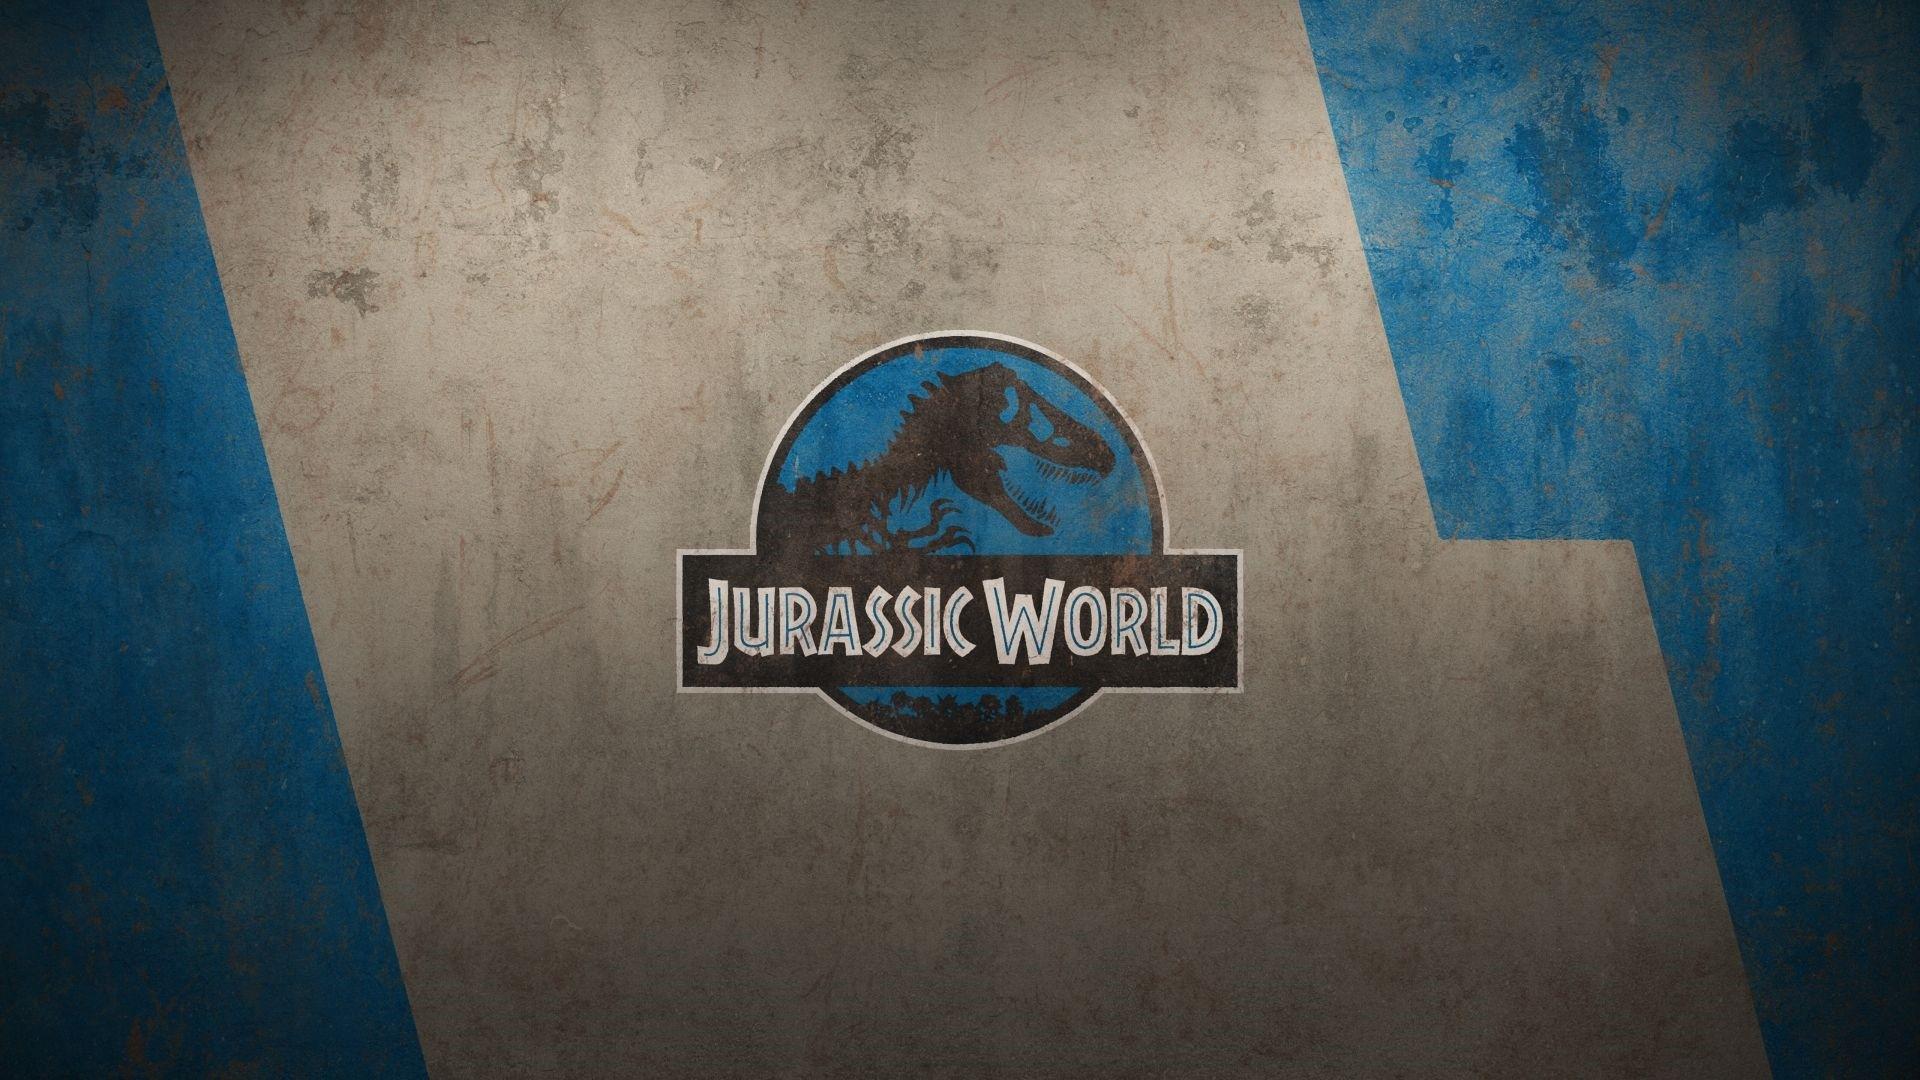 Jurassic World hd wallpaper download